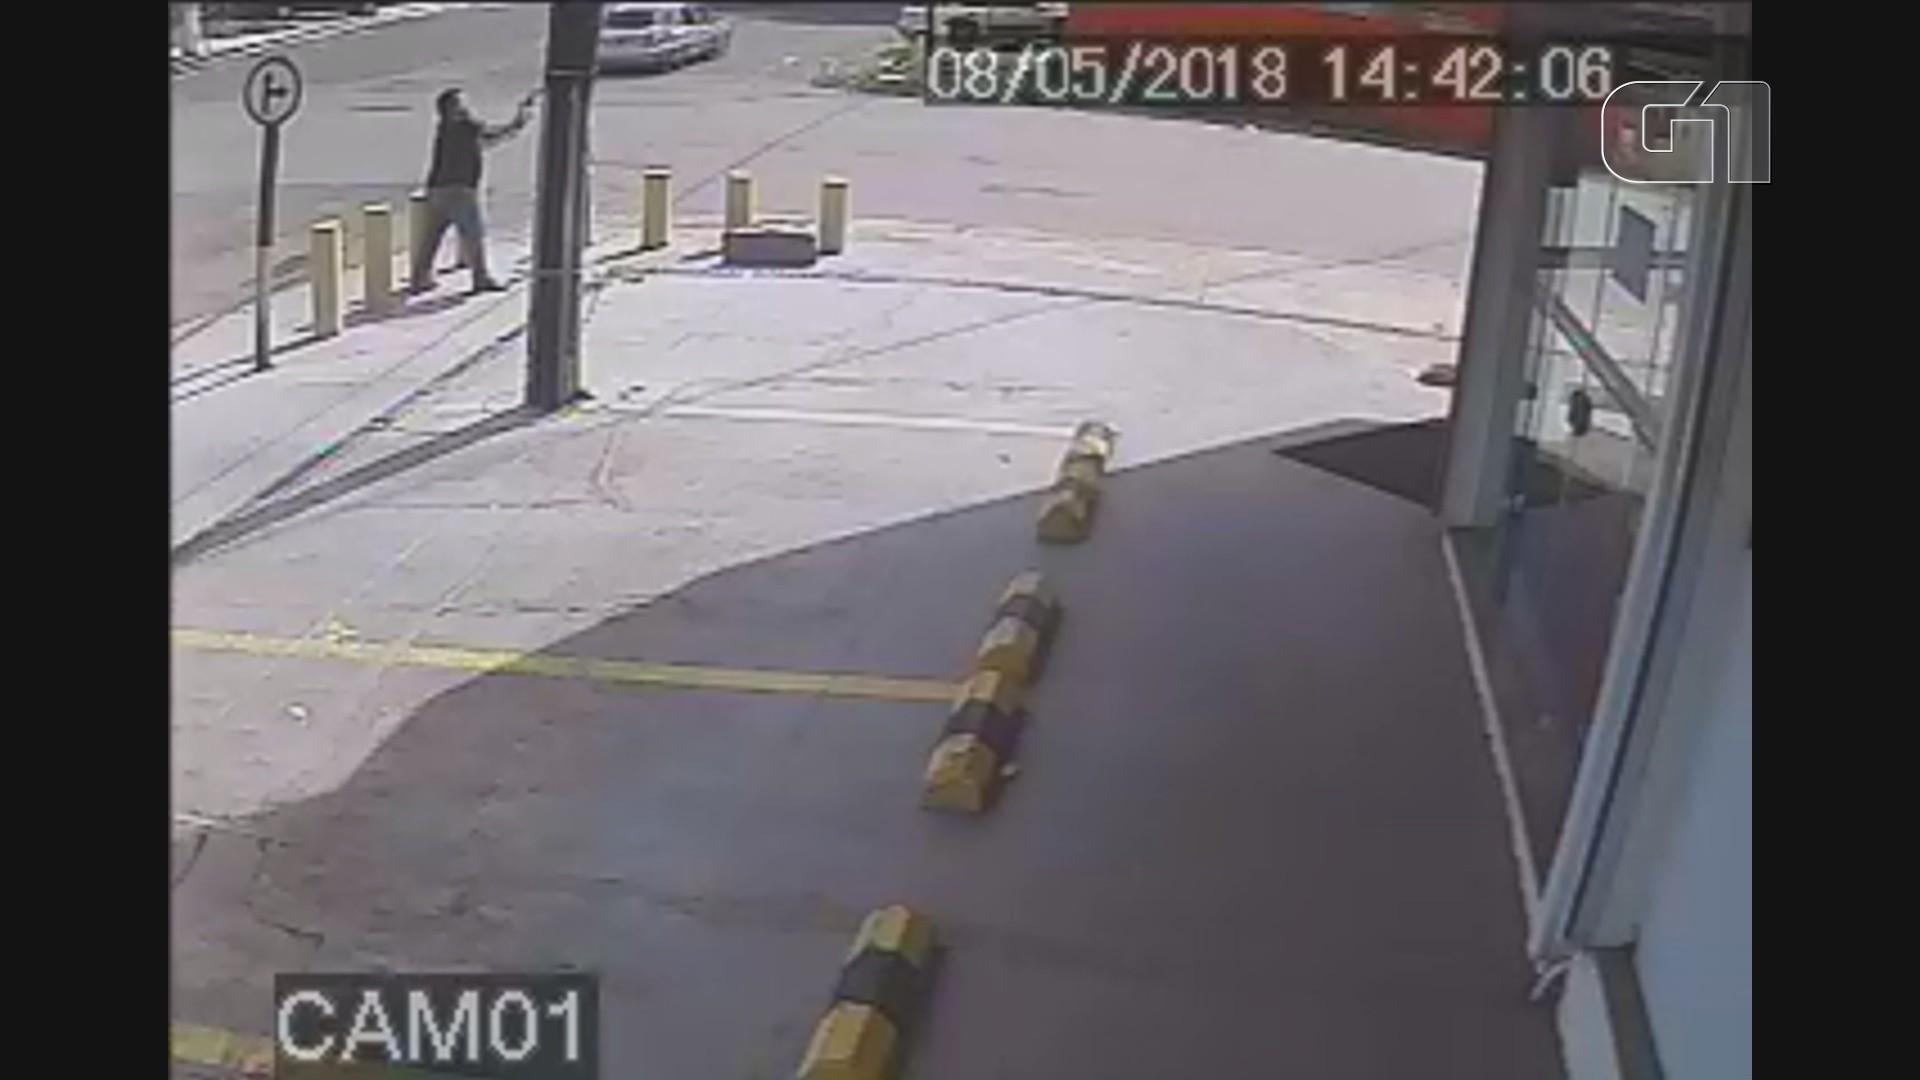 Homem destrói com golpes de machado caixa que controla semáforo em Macapá; VÍDEO